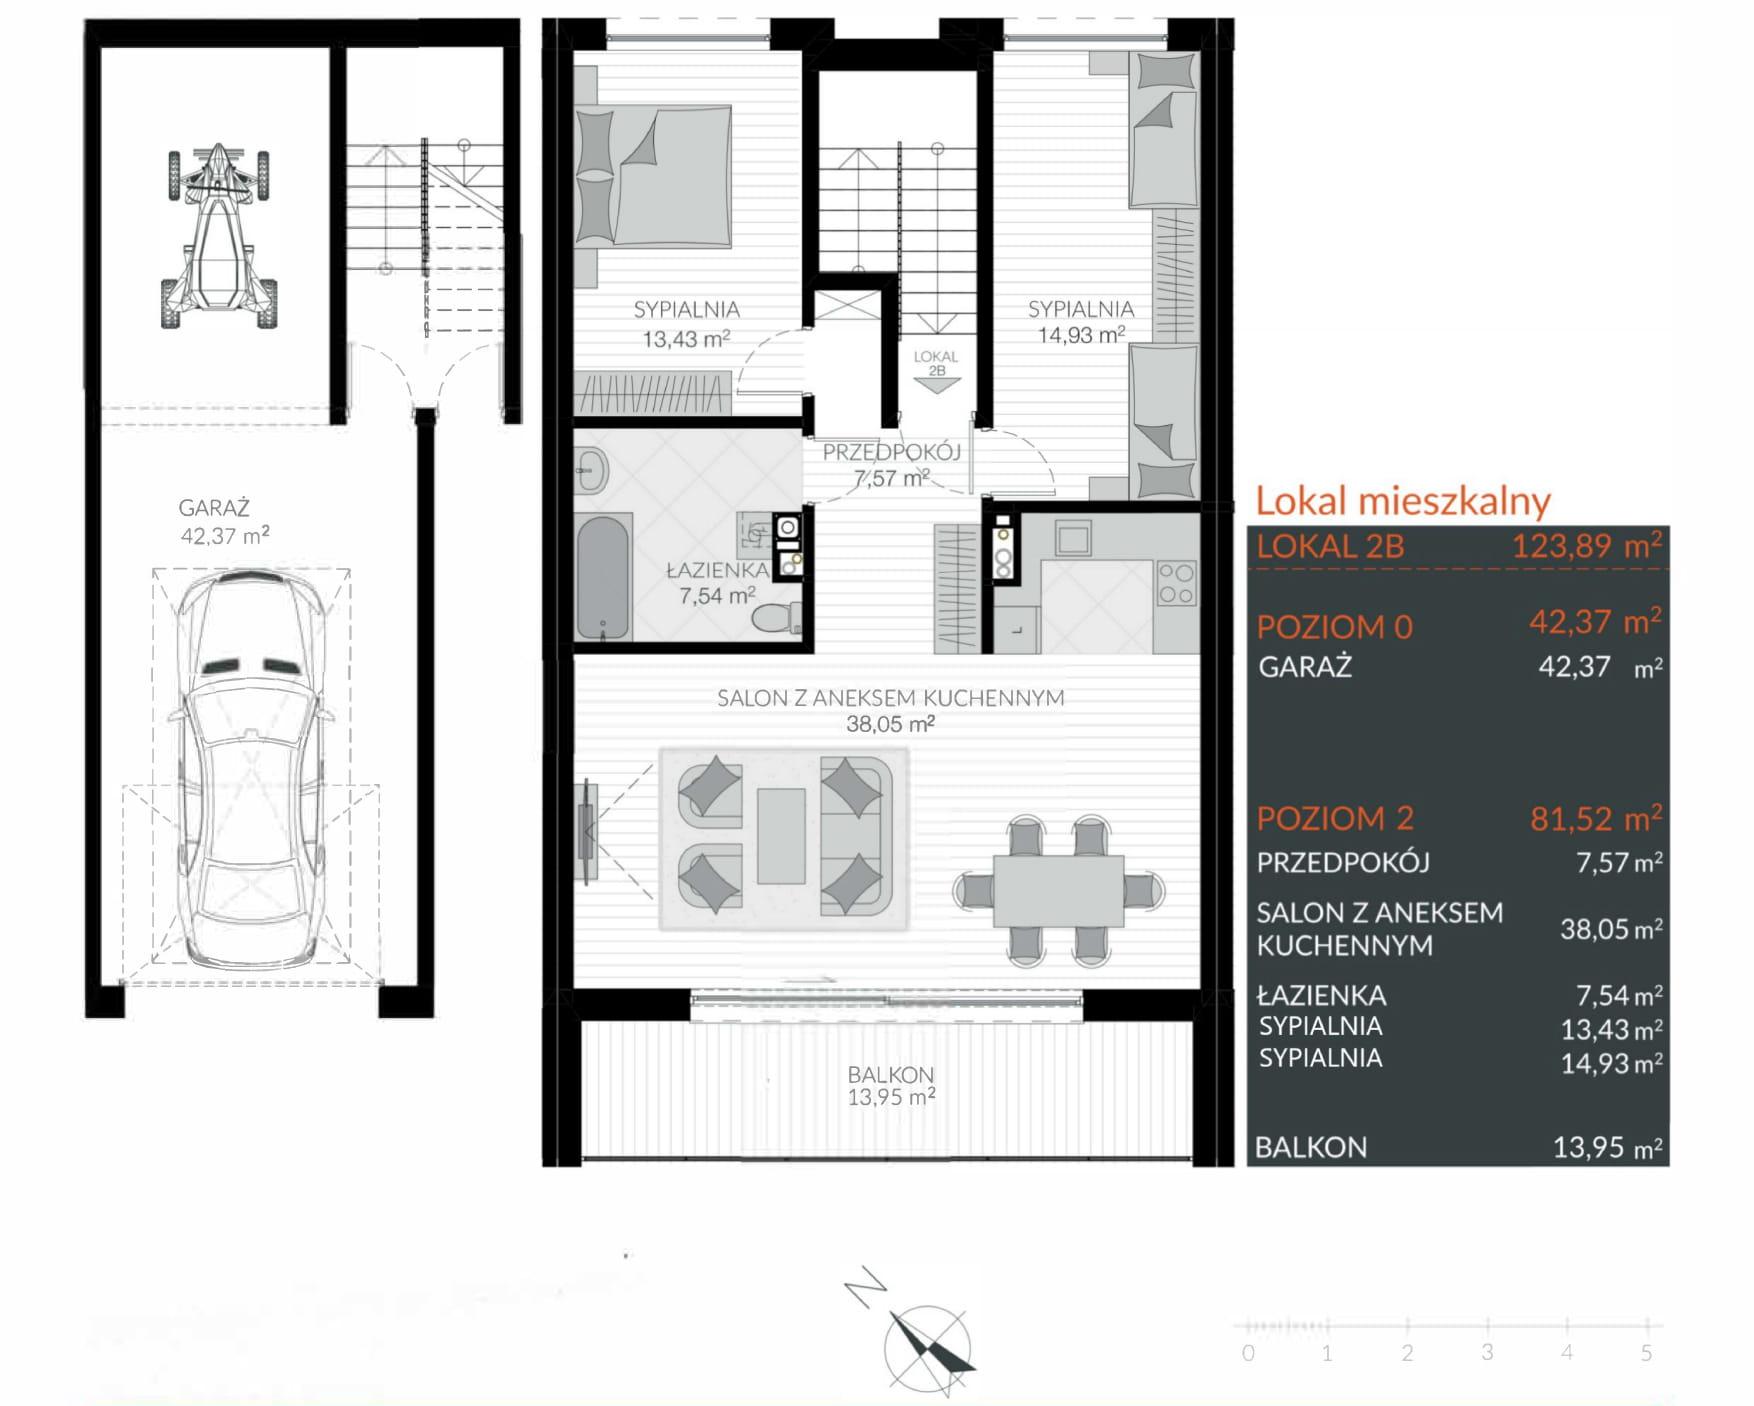 Apartamenty Kamienna / apartamenty inwestycyjne 2B rzut 1